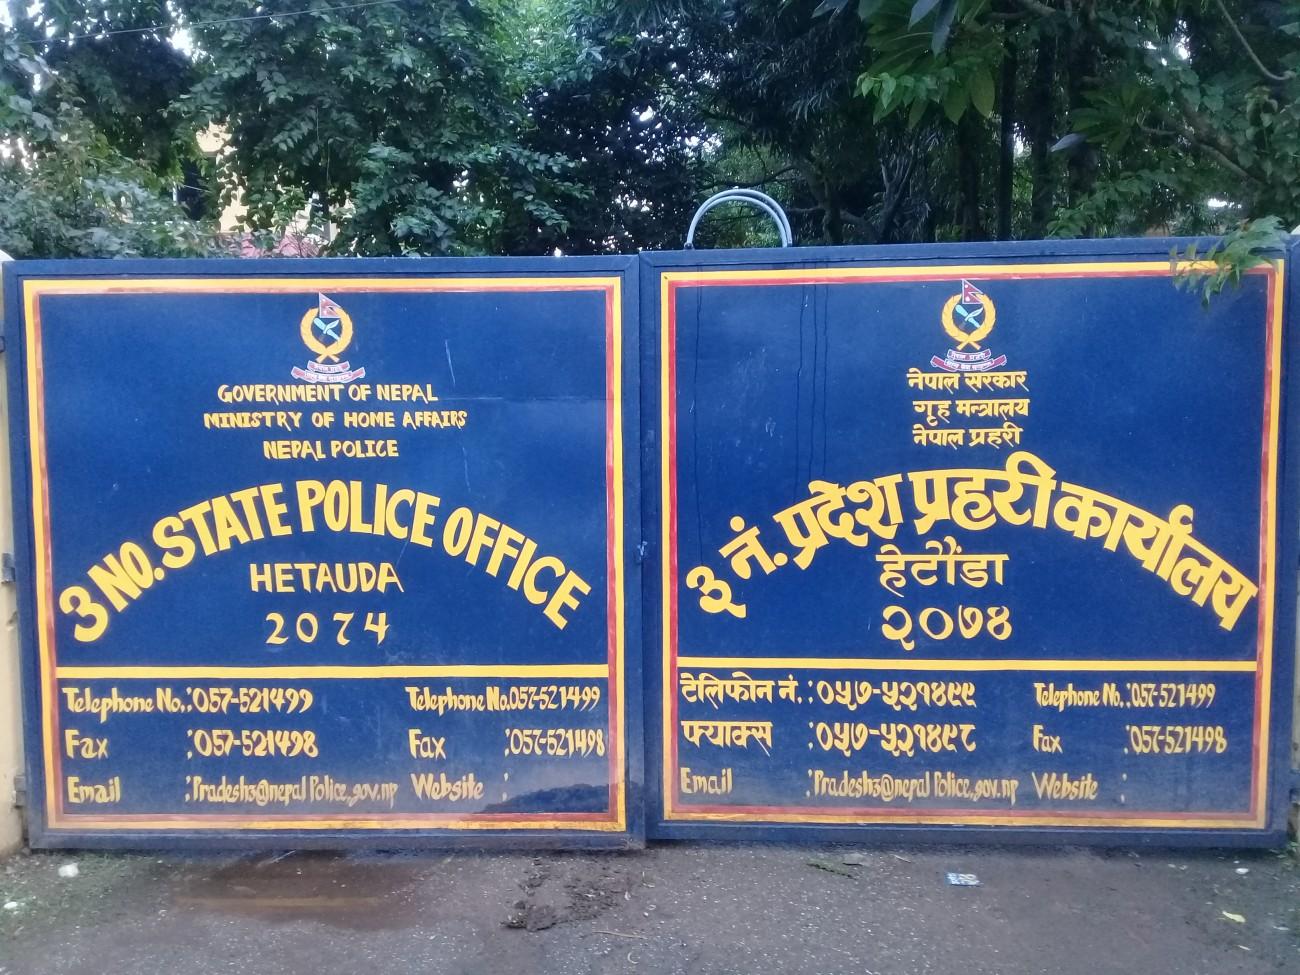 Pradesh-3-Police-1539227128.jpg